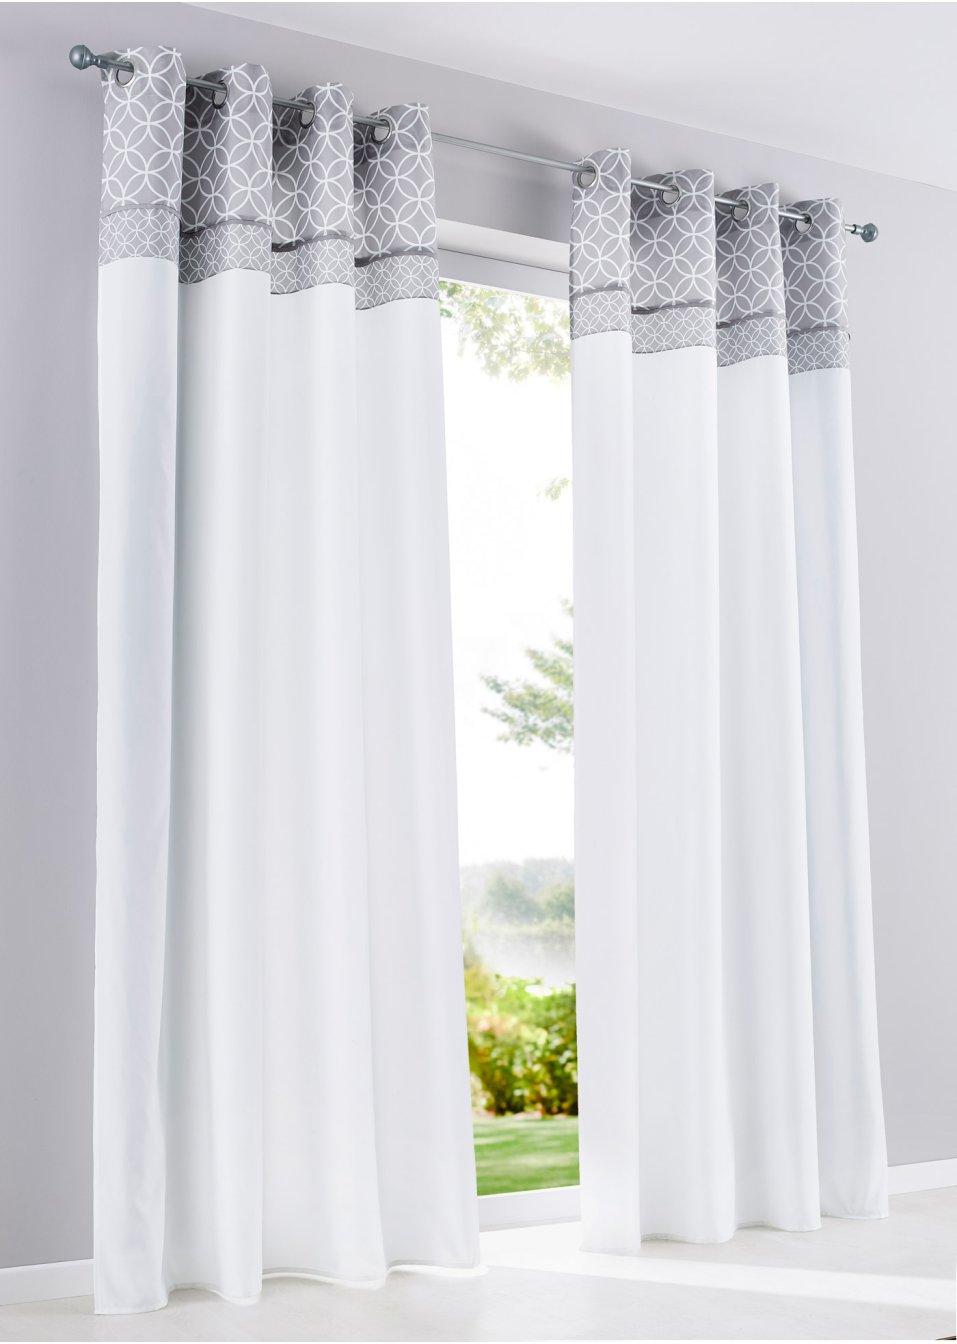 vorhang davina 1er pack weiss grau bpc living online bestellen. Black Bedroom Furniture Sets. Home Design Ideas